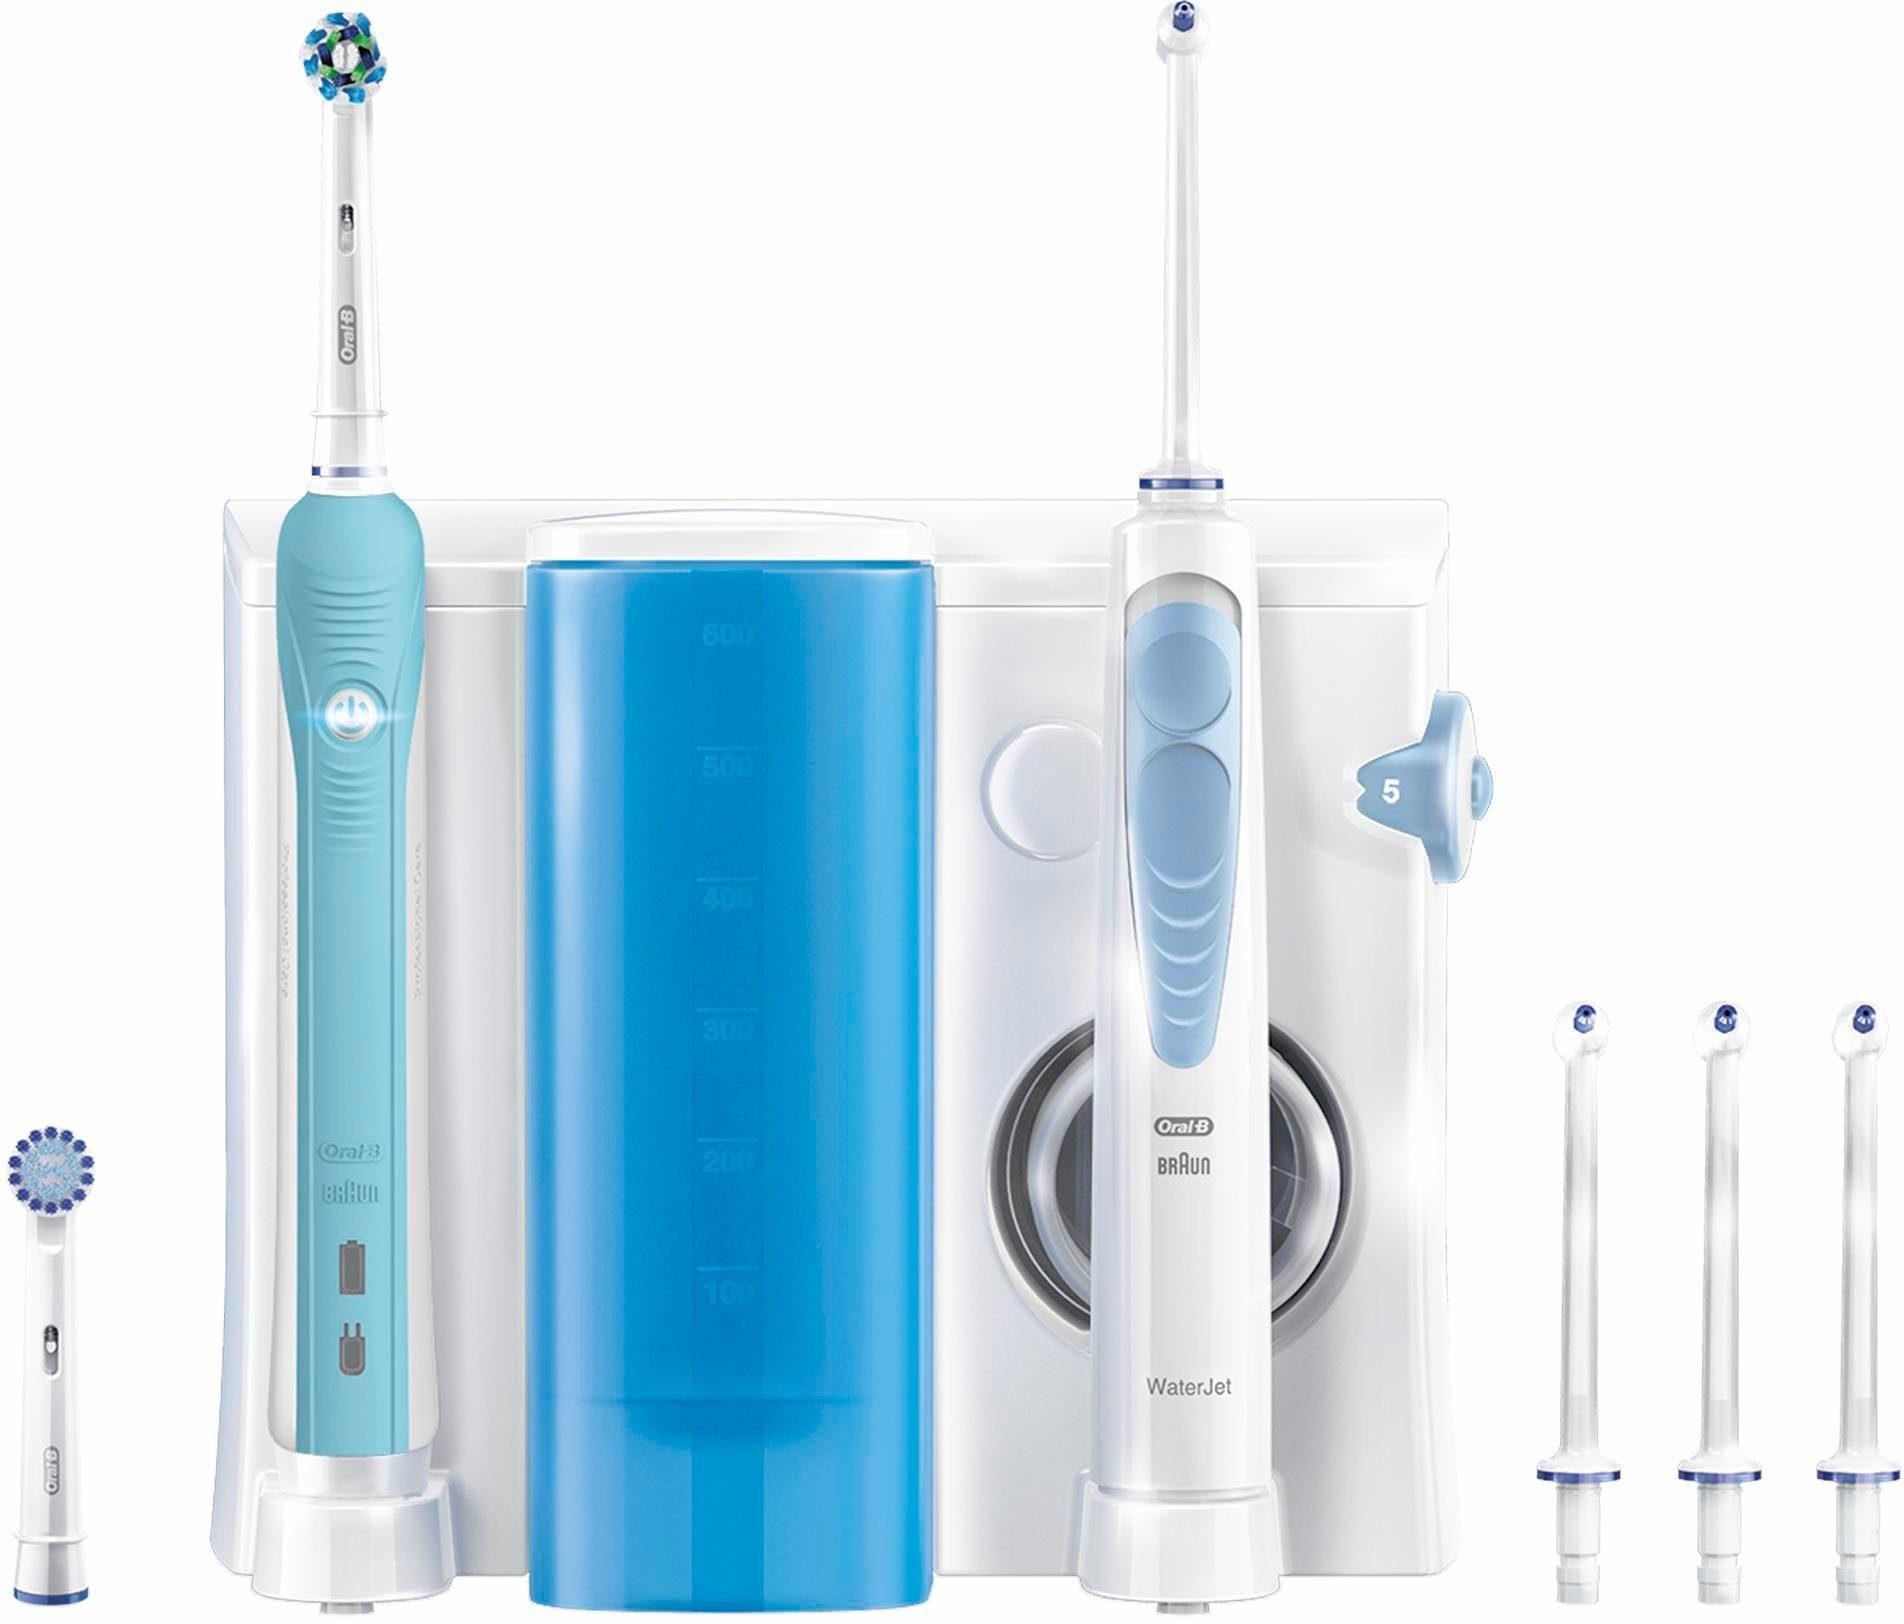 Oral-B Reinigungssystem WaterJet Munddusche + Oral-B PRO 700 elektrische Zahnbürste